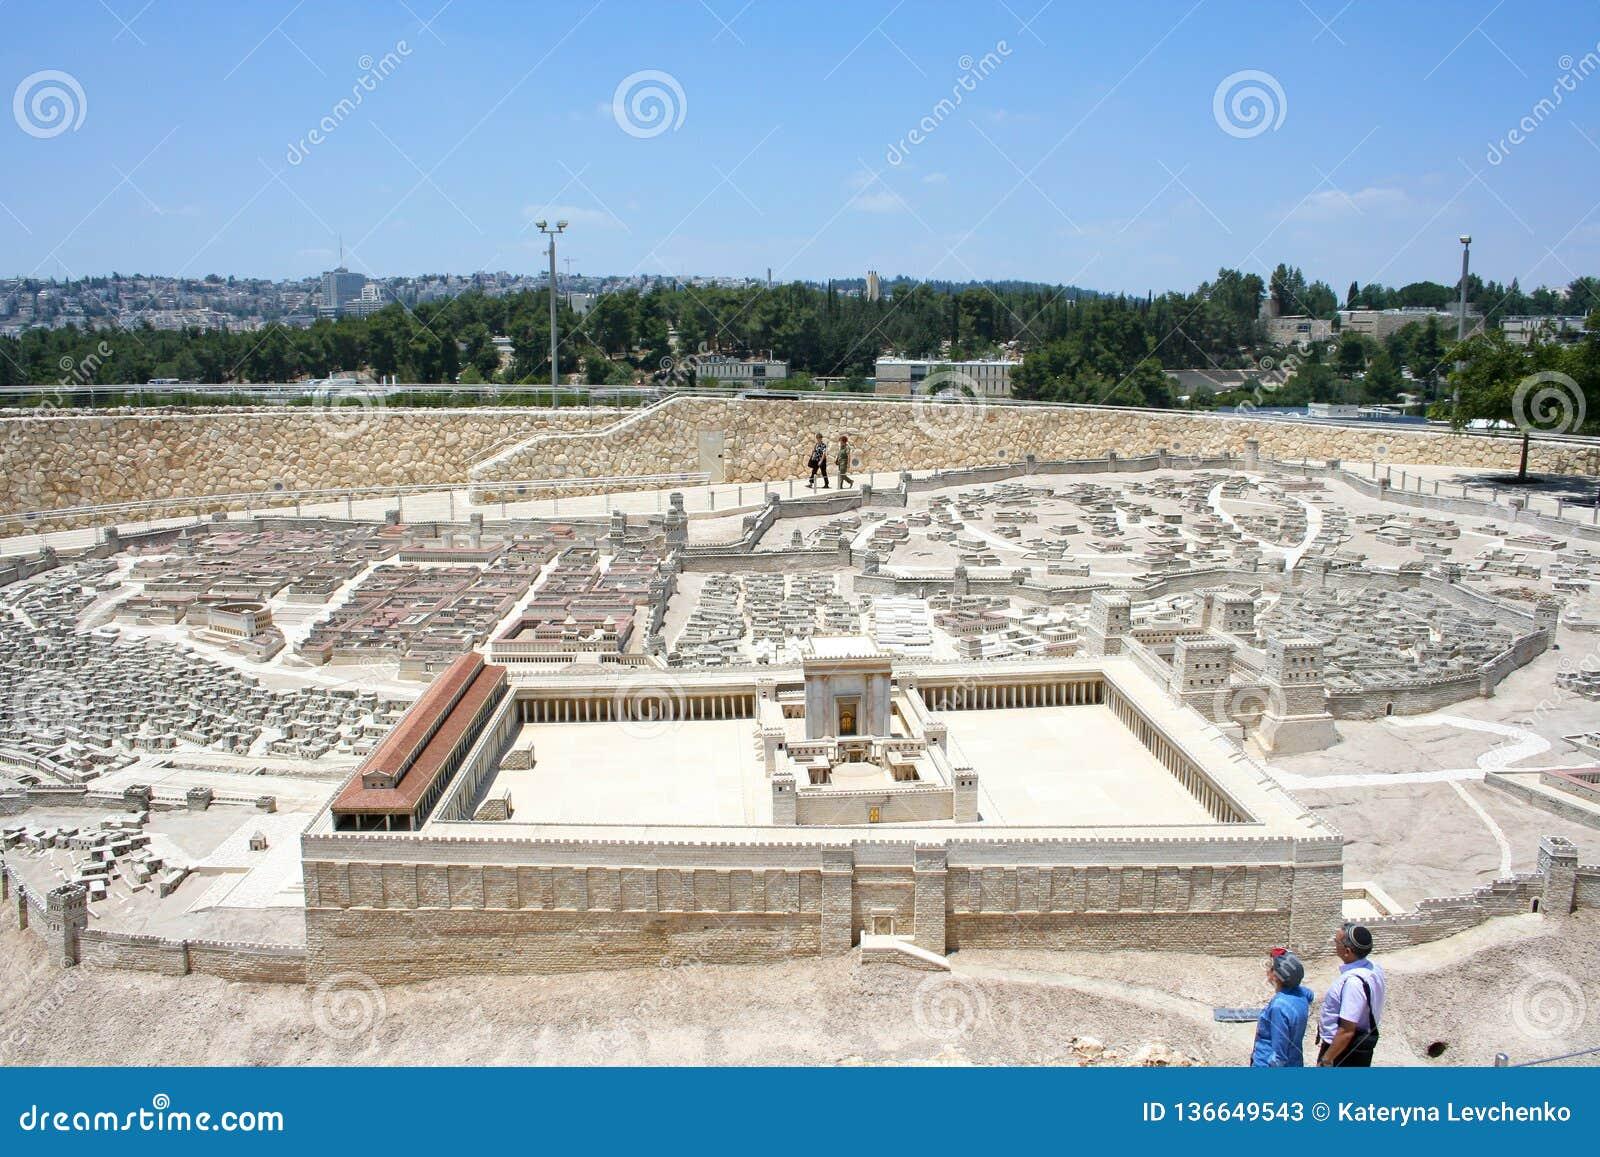 Πρότυπο κλίμακας της Ιερουσαλήμ στη δεύτερη περίοδο ναών, μουσείο του Ισραήλ